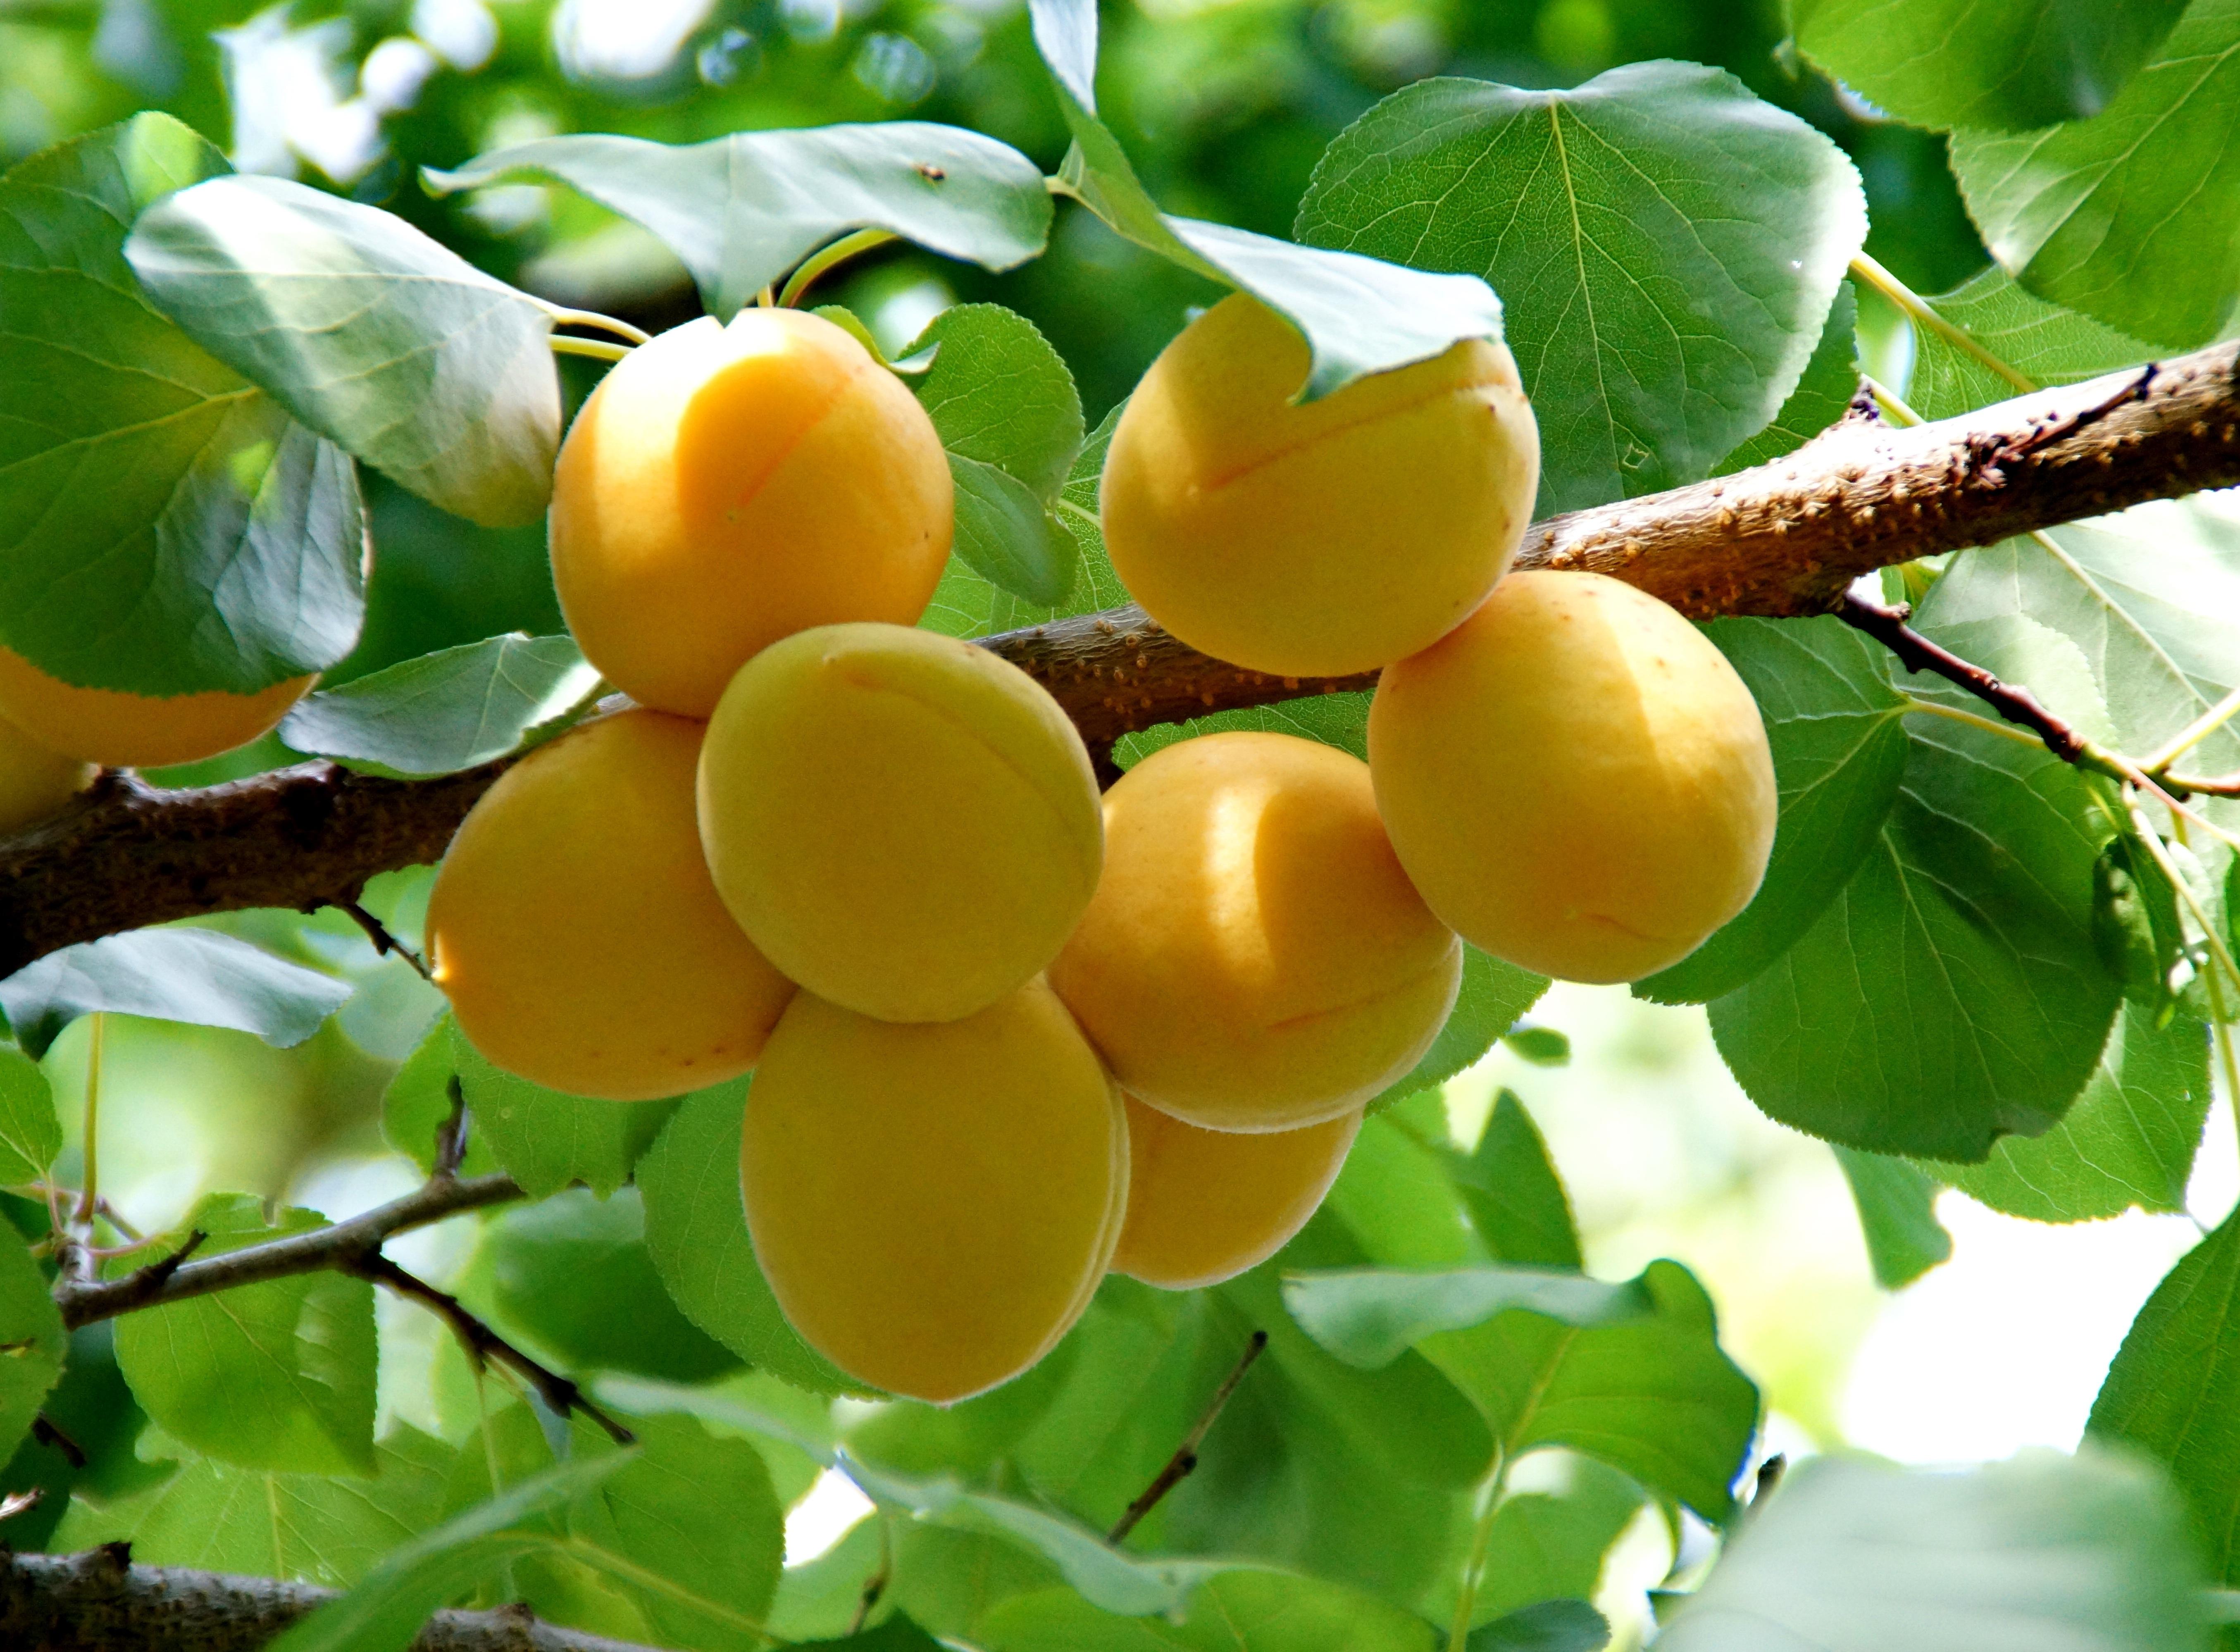 мешают коктейли фото золотого абрикоса современном прочтении